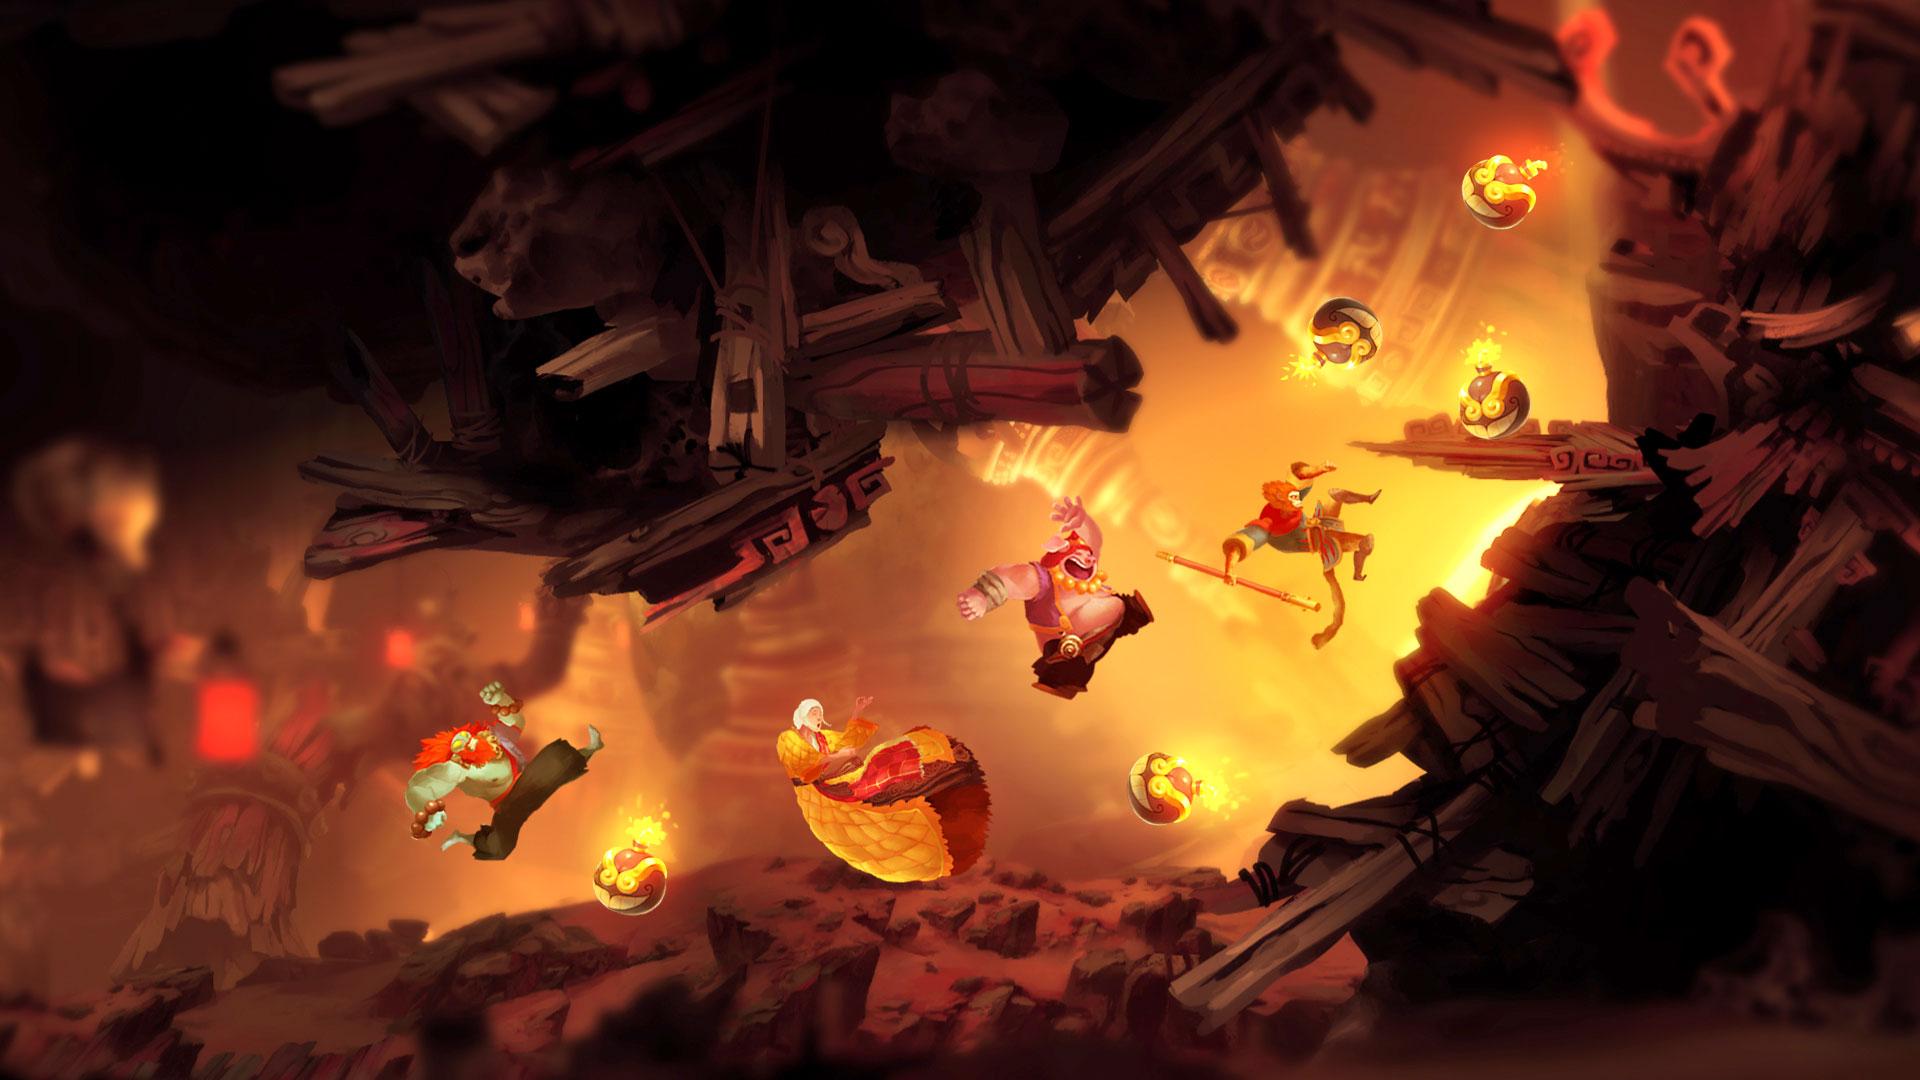 """Wärmt mit """"Rayman""""-ähnlichen Bildern die chinesische """"Reise nach Westen"""" wieder auf: das spektakulär illustrierte Action-Jump'n'Run """"Unruly Heroes""""."""